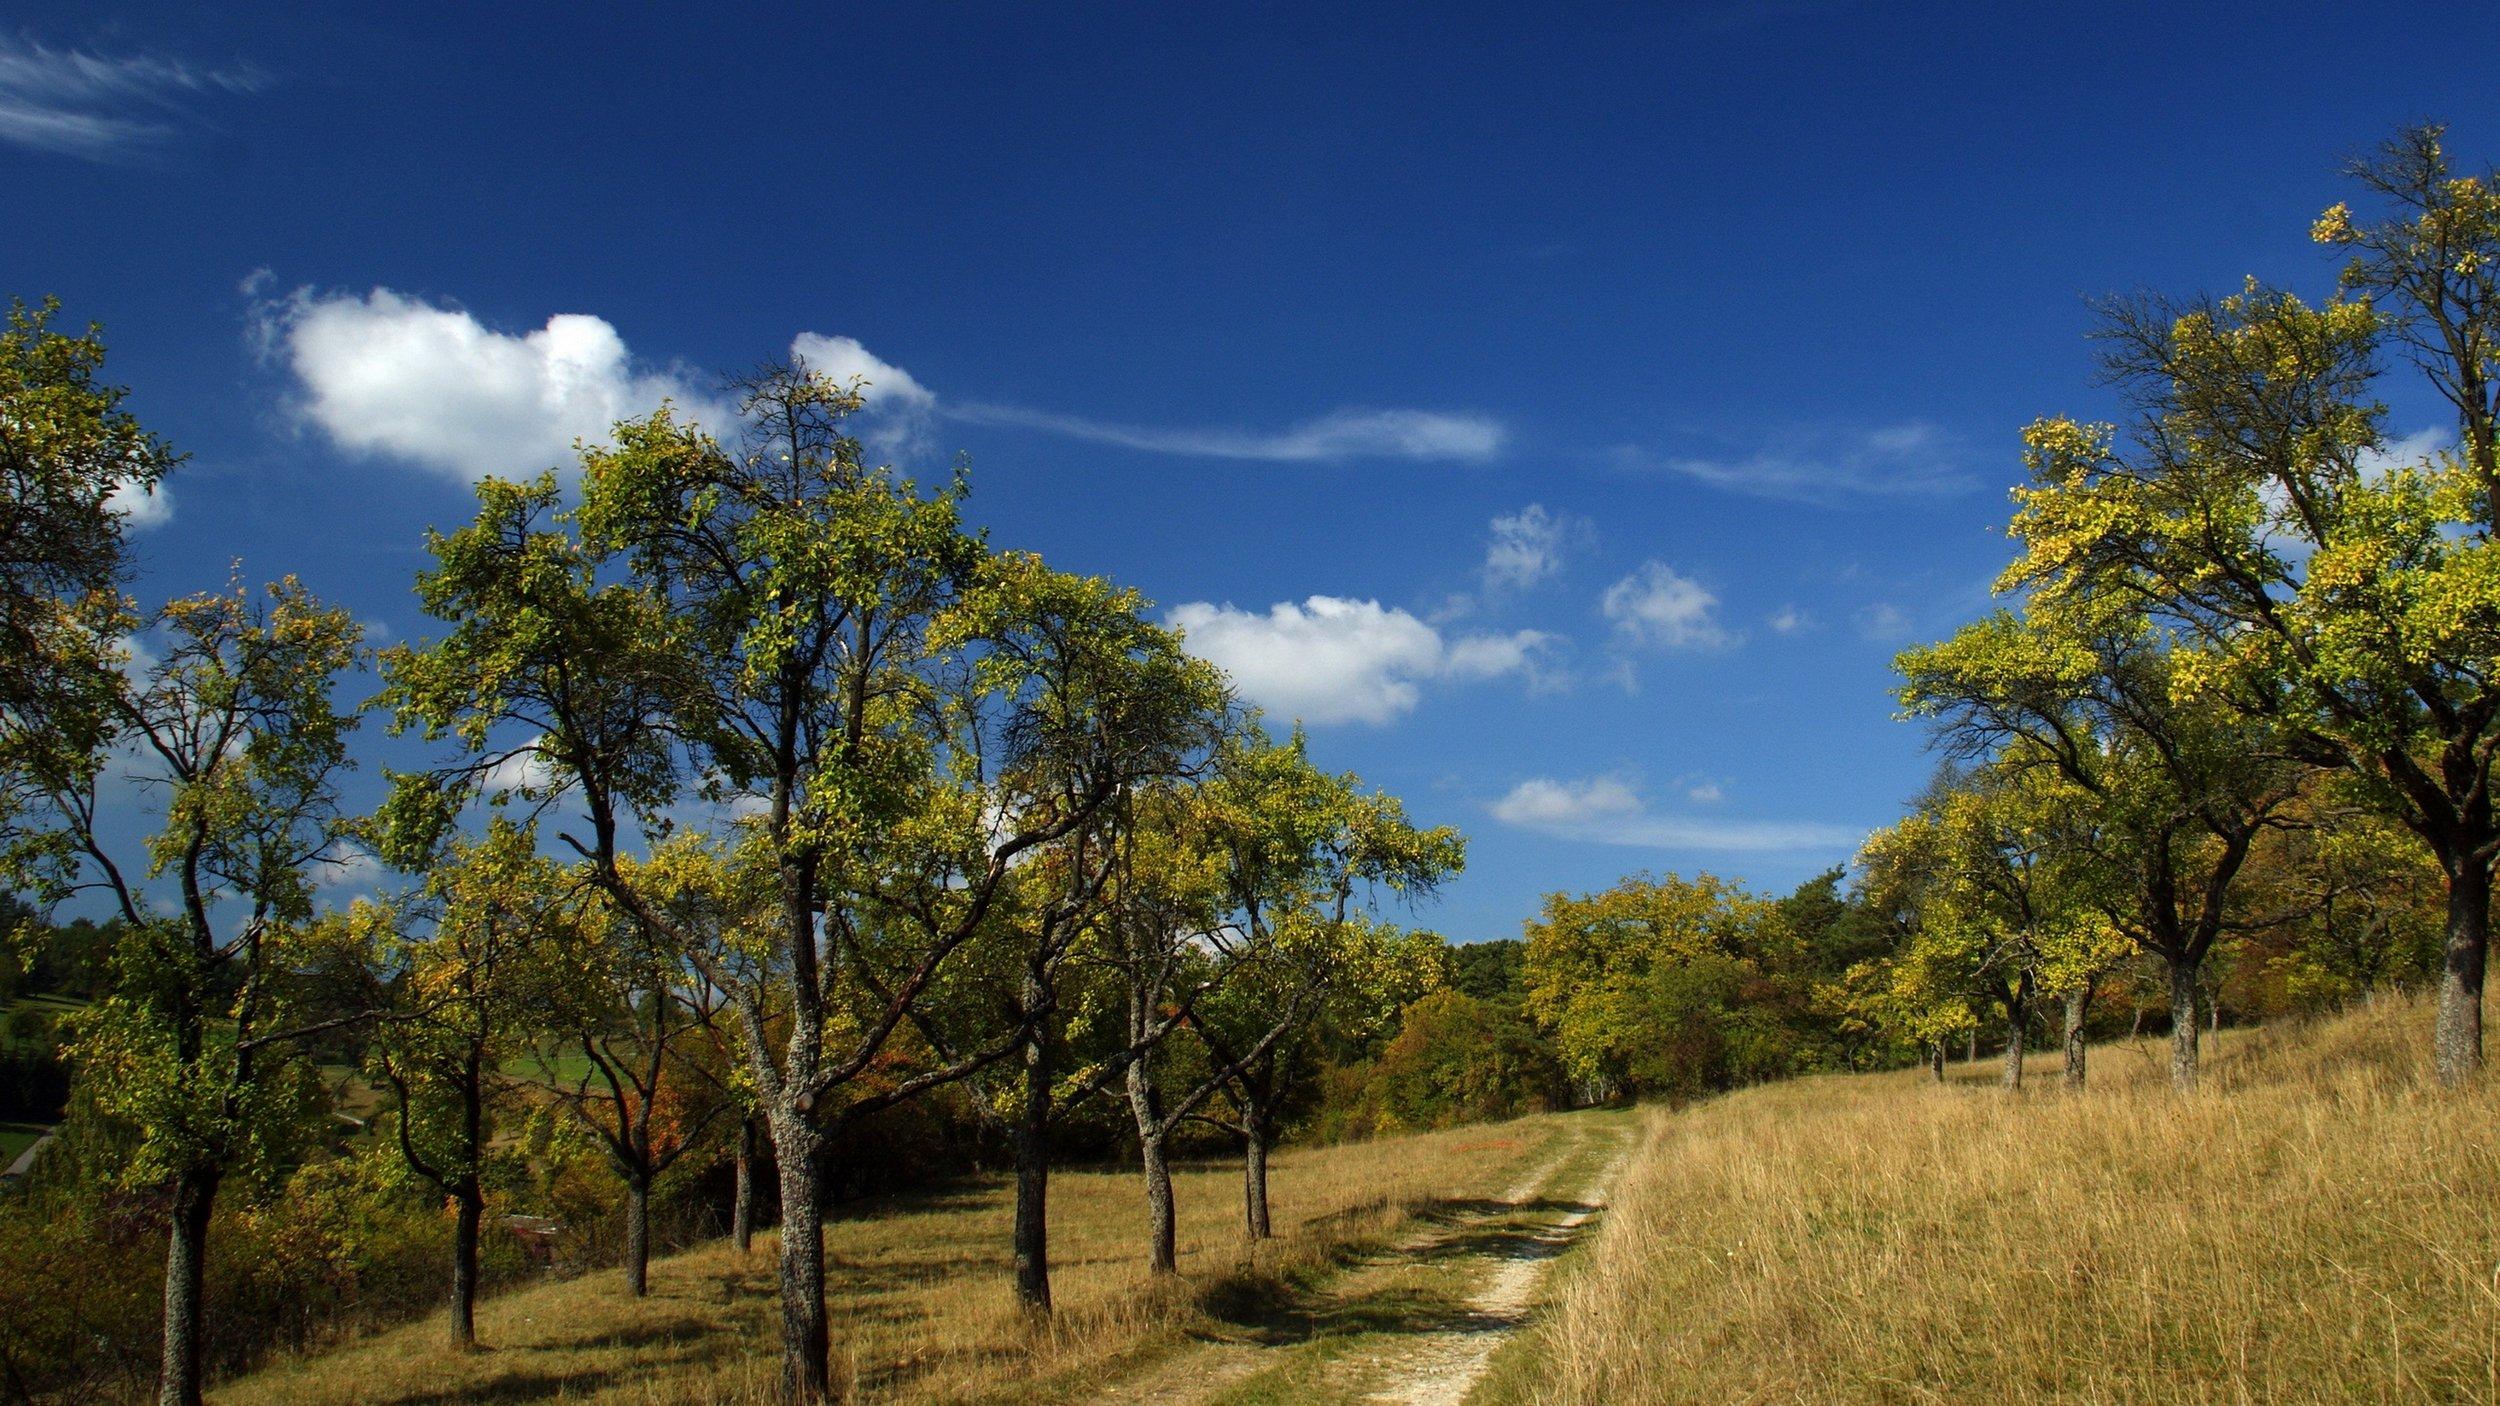 Ultra HD, 4K, Landscape, 35874556.jpg